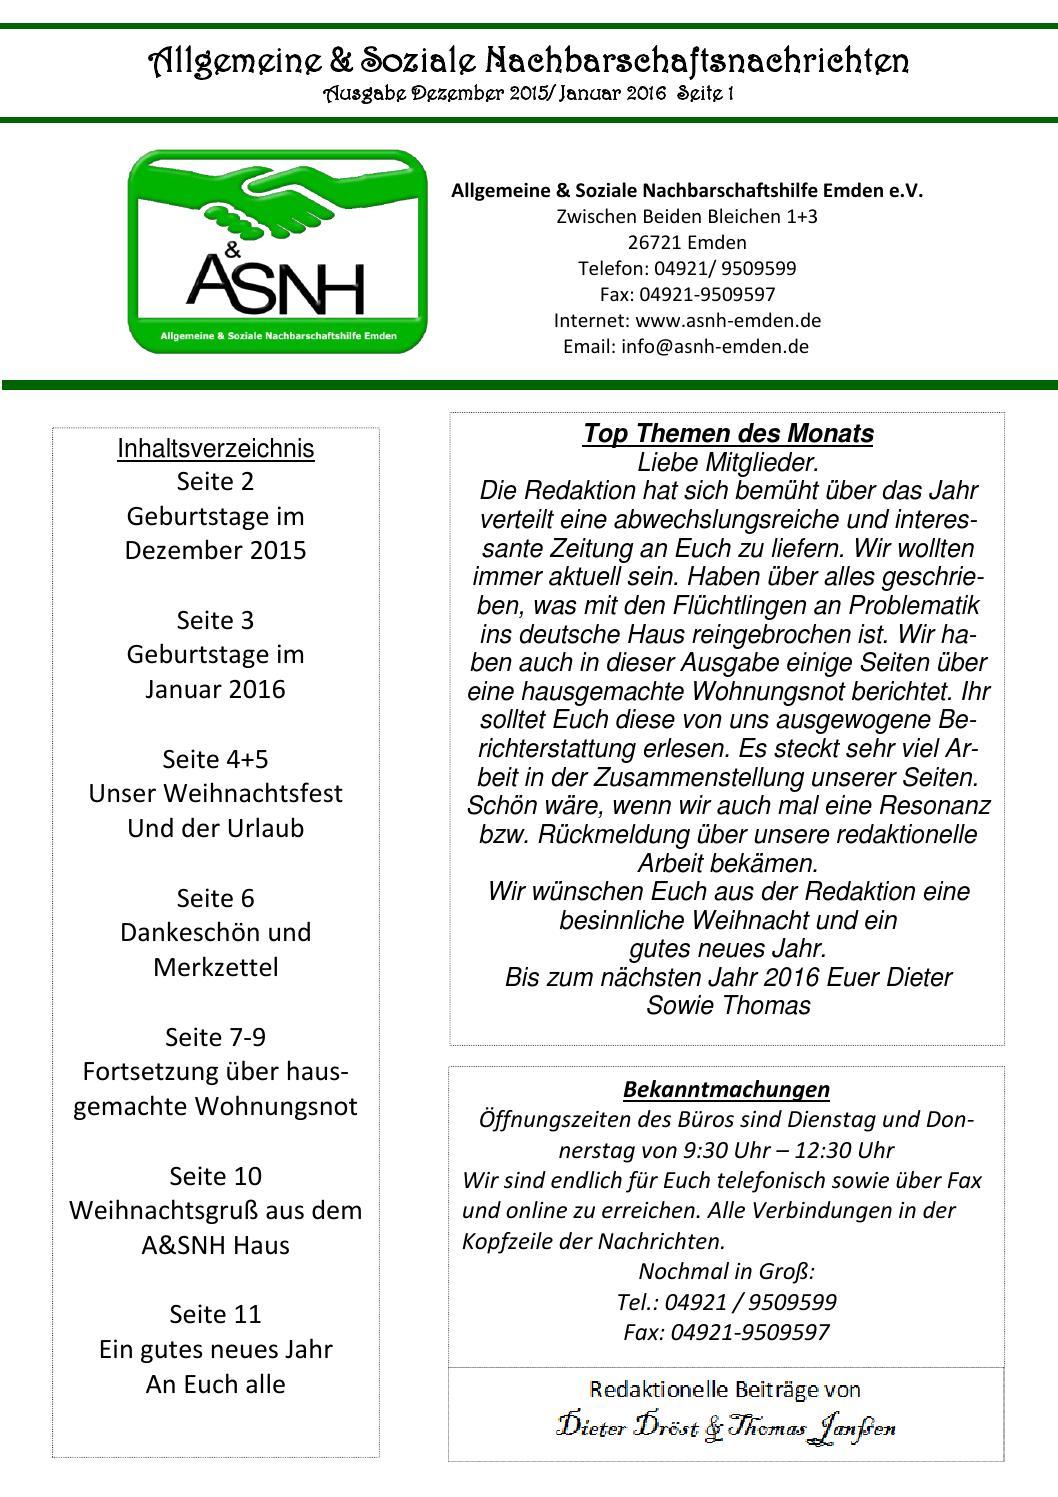 ASNH News Dez.2015 By Asnh Emden   Issuu